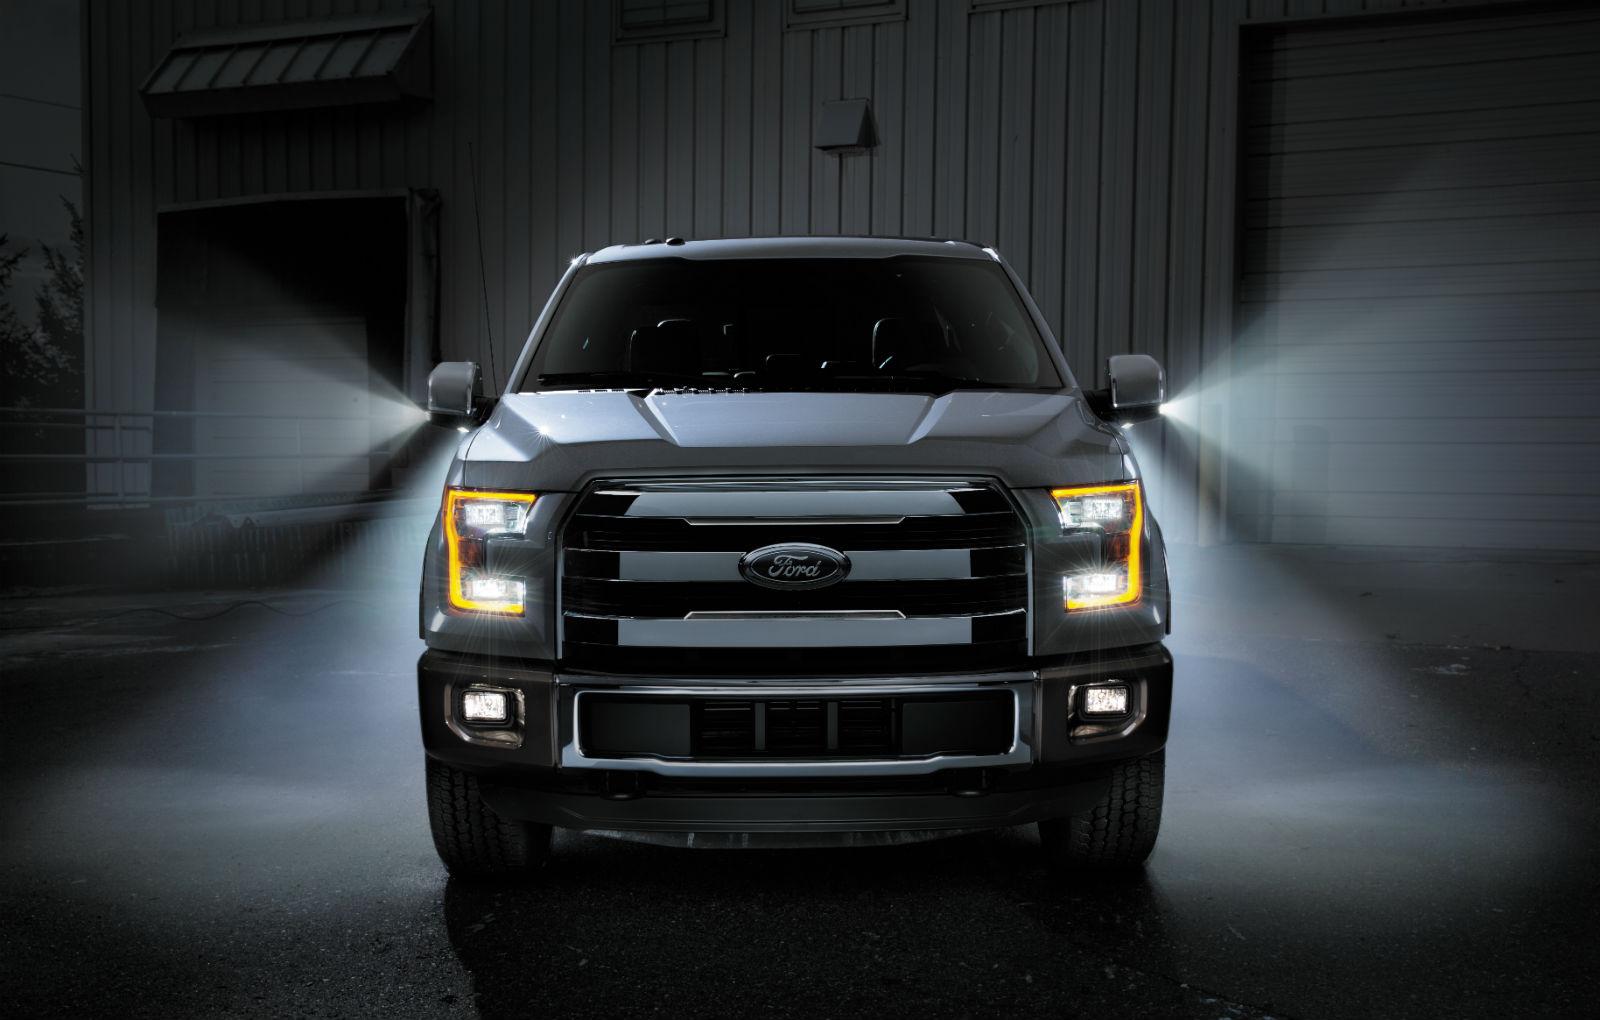 2015 Ford F 150 Pickup Truck Wallpaper   HD 1600x1020